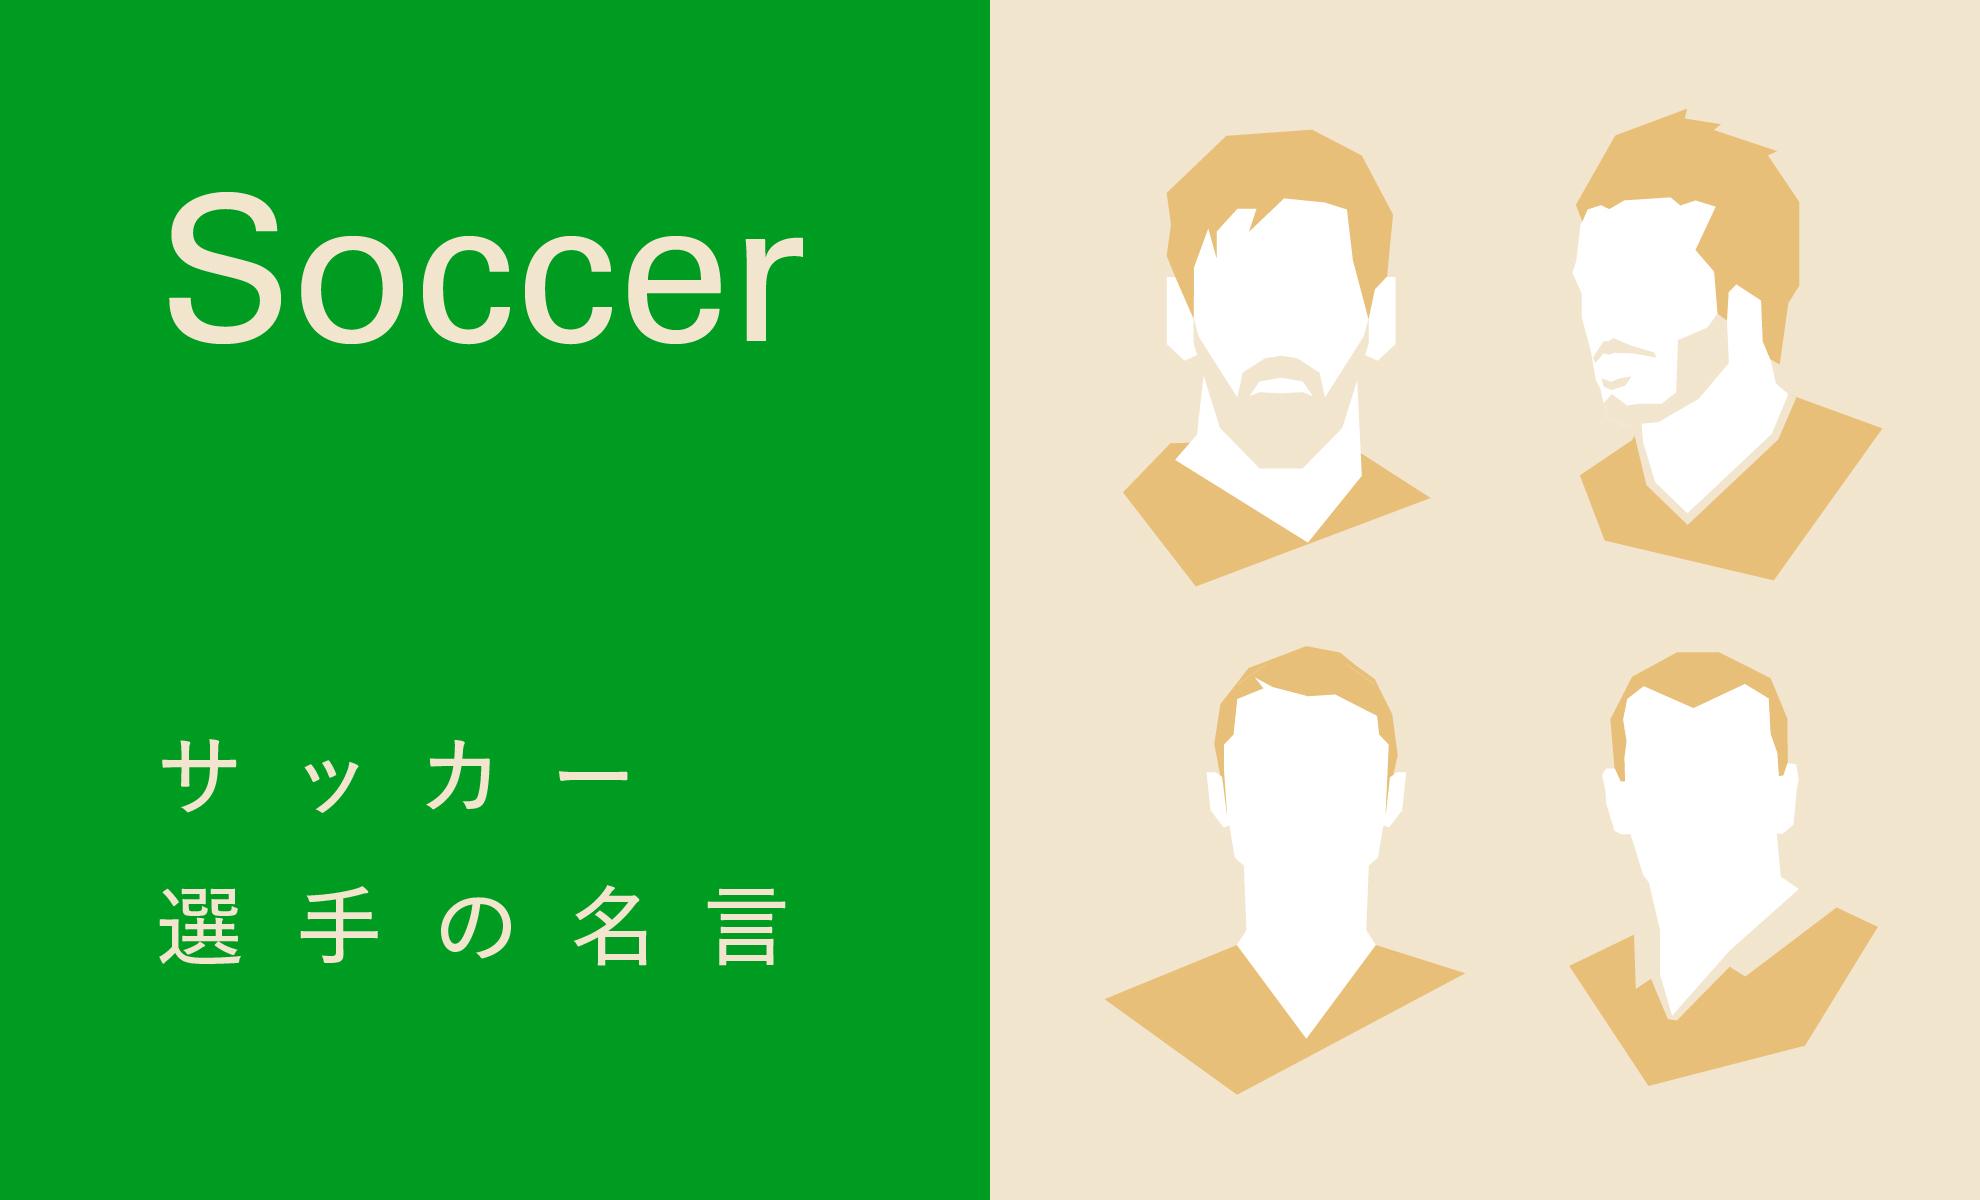 サッカー選手の名言集まとめ一覧|短いひとこと名言のイラスト1